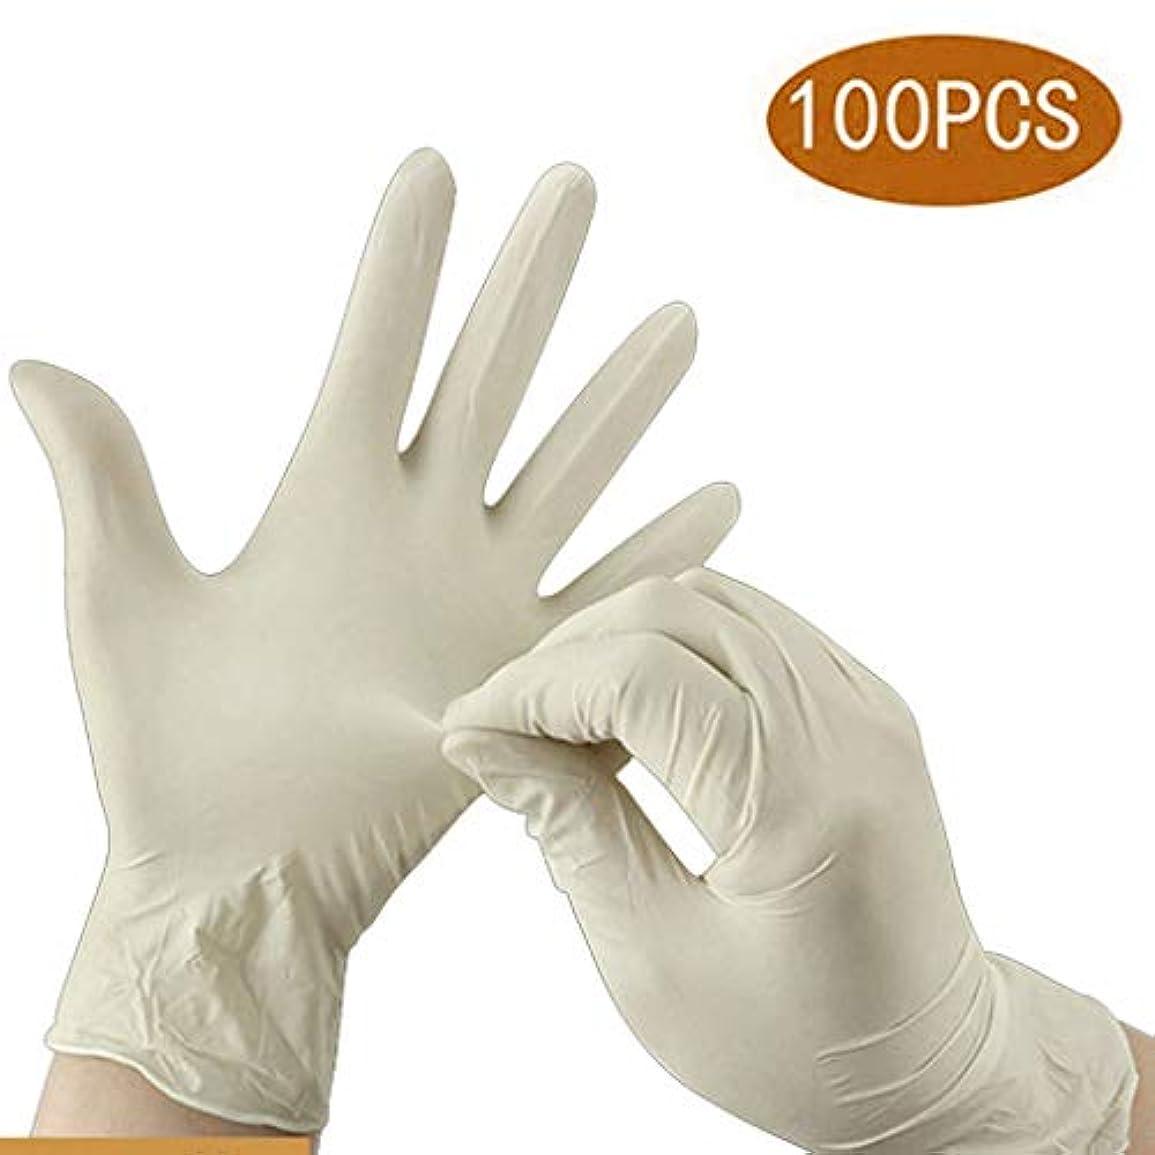 あいさつ竜巻マウス9インチ使い捨てラテックス手袋、パウダーフリー、個別包装され、耐久性に優れ、労働保険、食品検査用手袋 100の病院ボックスのプロフェッショナルグレード (Size : M)